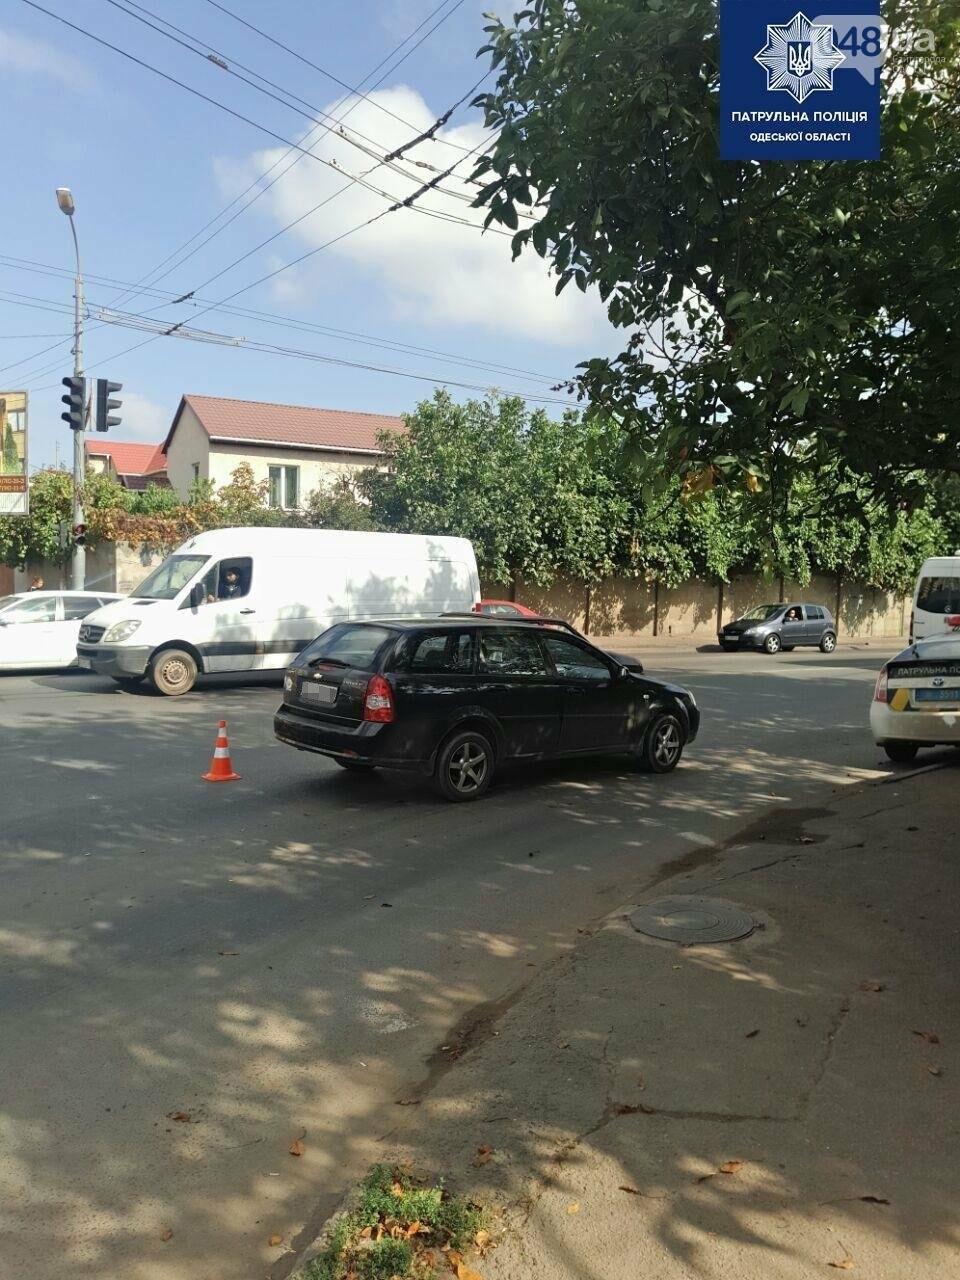 В Одессе автомобиль сбил мужчину с ребенком, когда они переходили дорогу по зебре, - ФОТО1